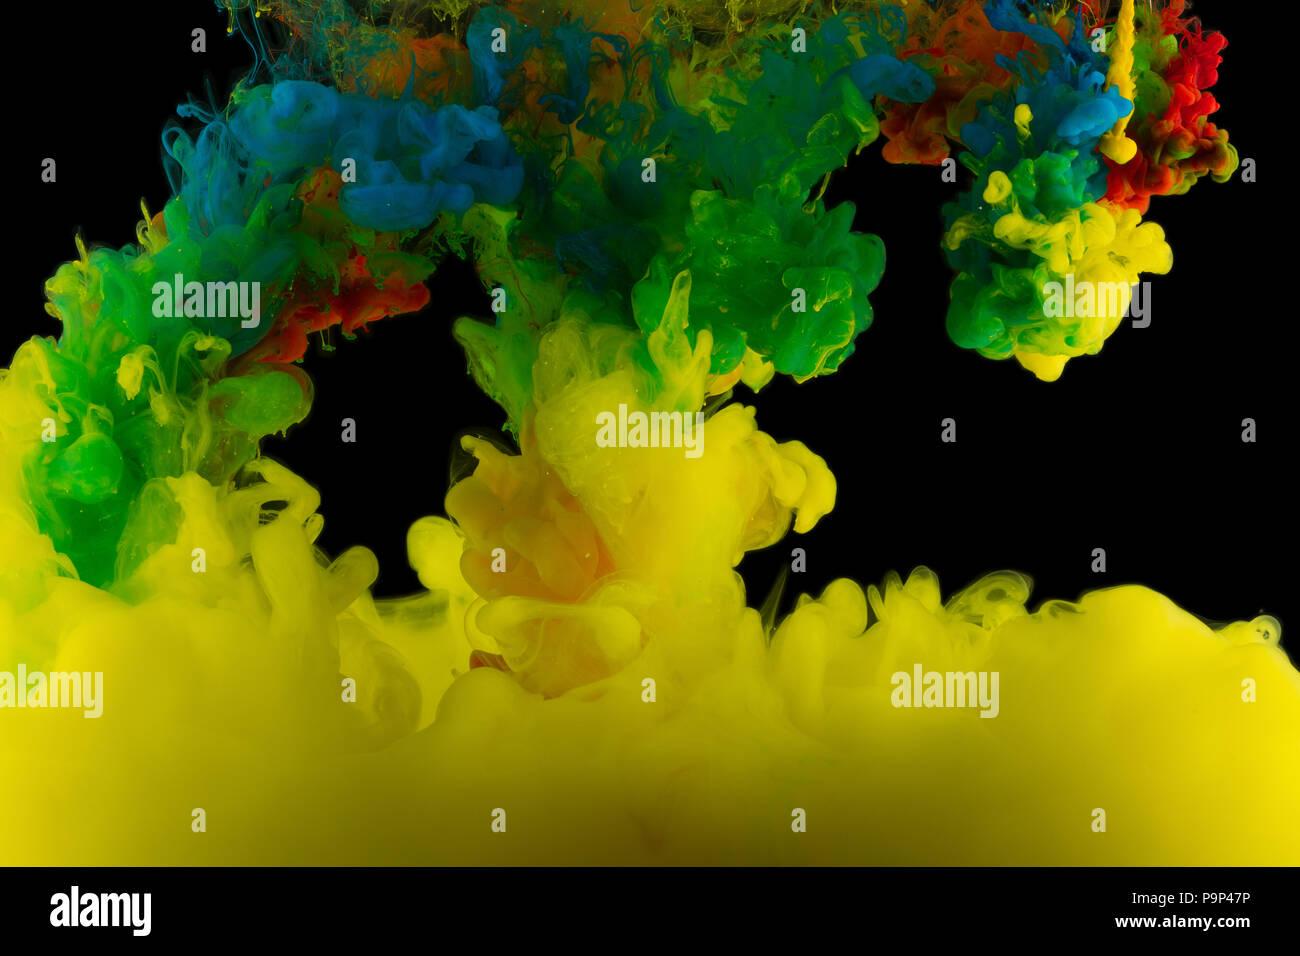 Mehrfarbige Abstraktion auf schwarzem Hintergrund, Studio Light Stockfoto